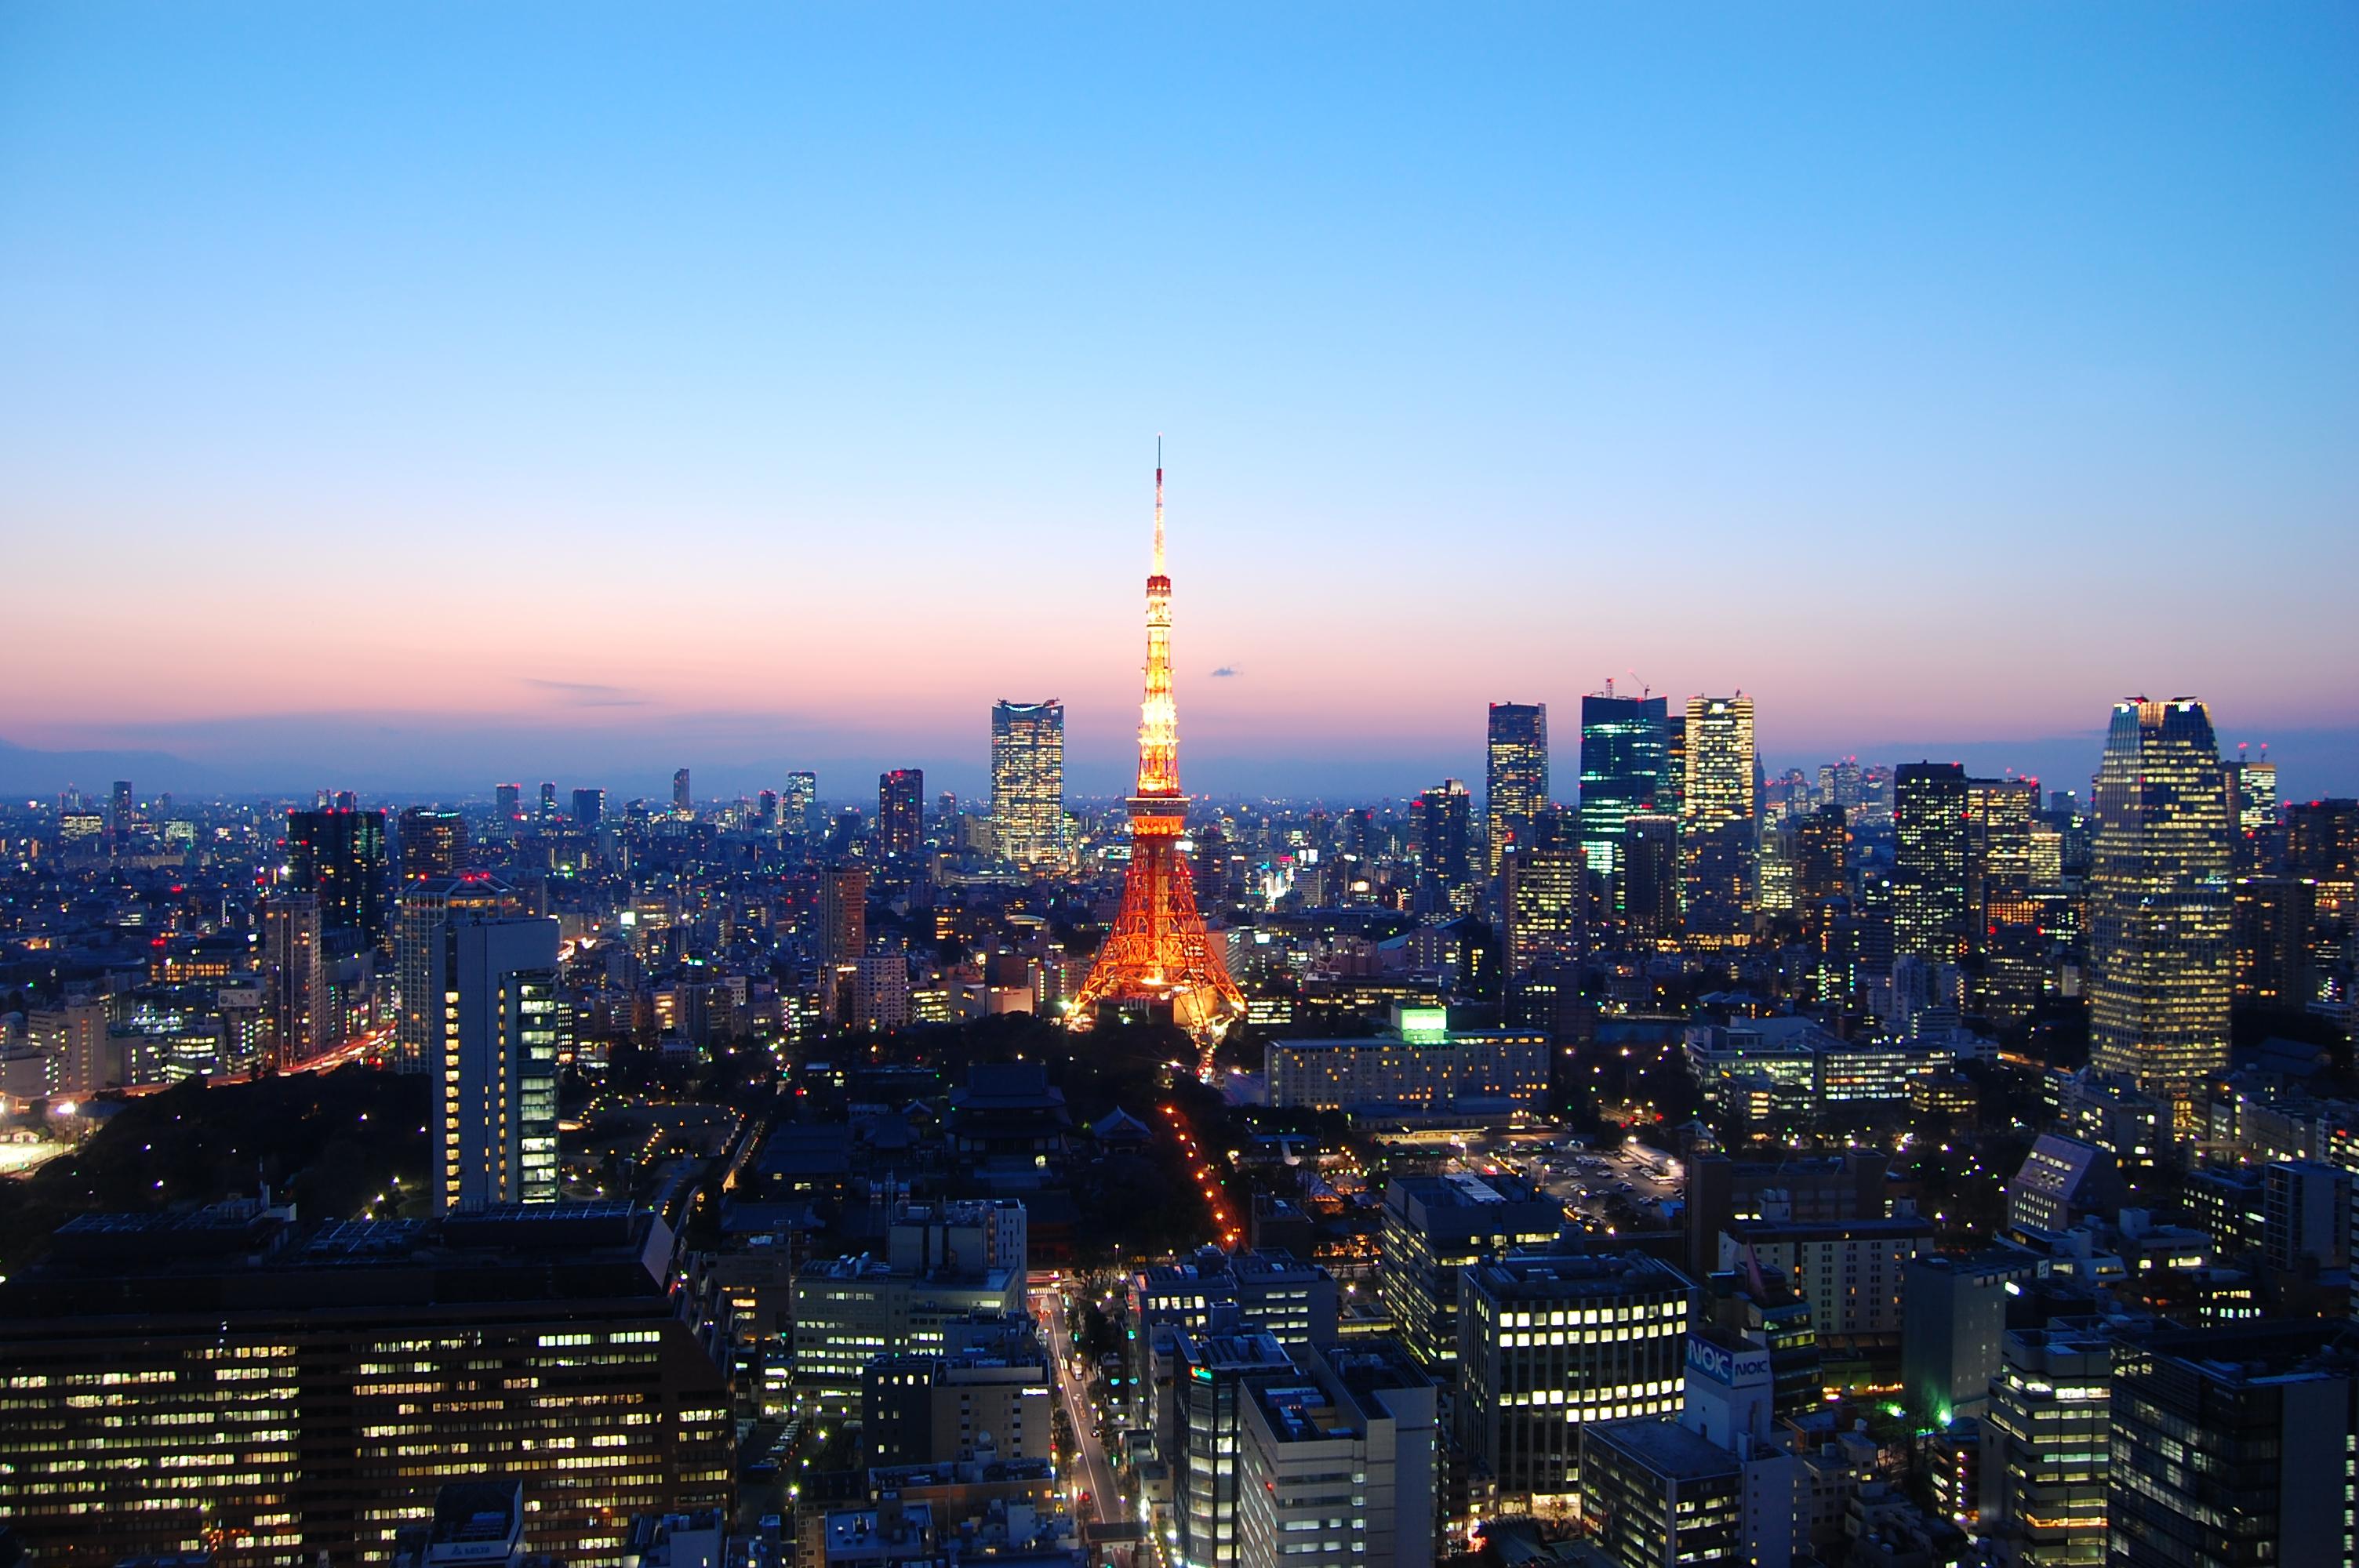 「東京タワー フリー」の画像検索結果